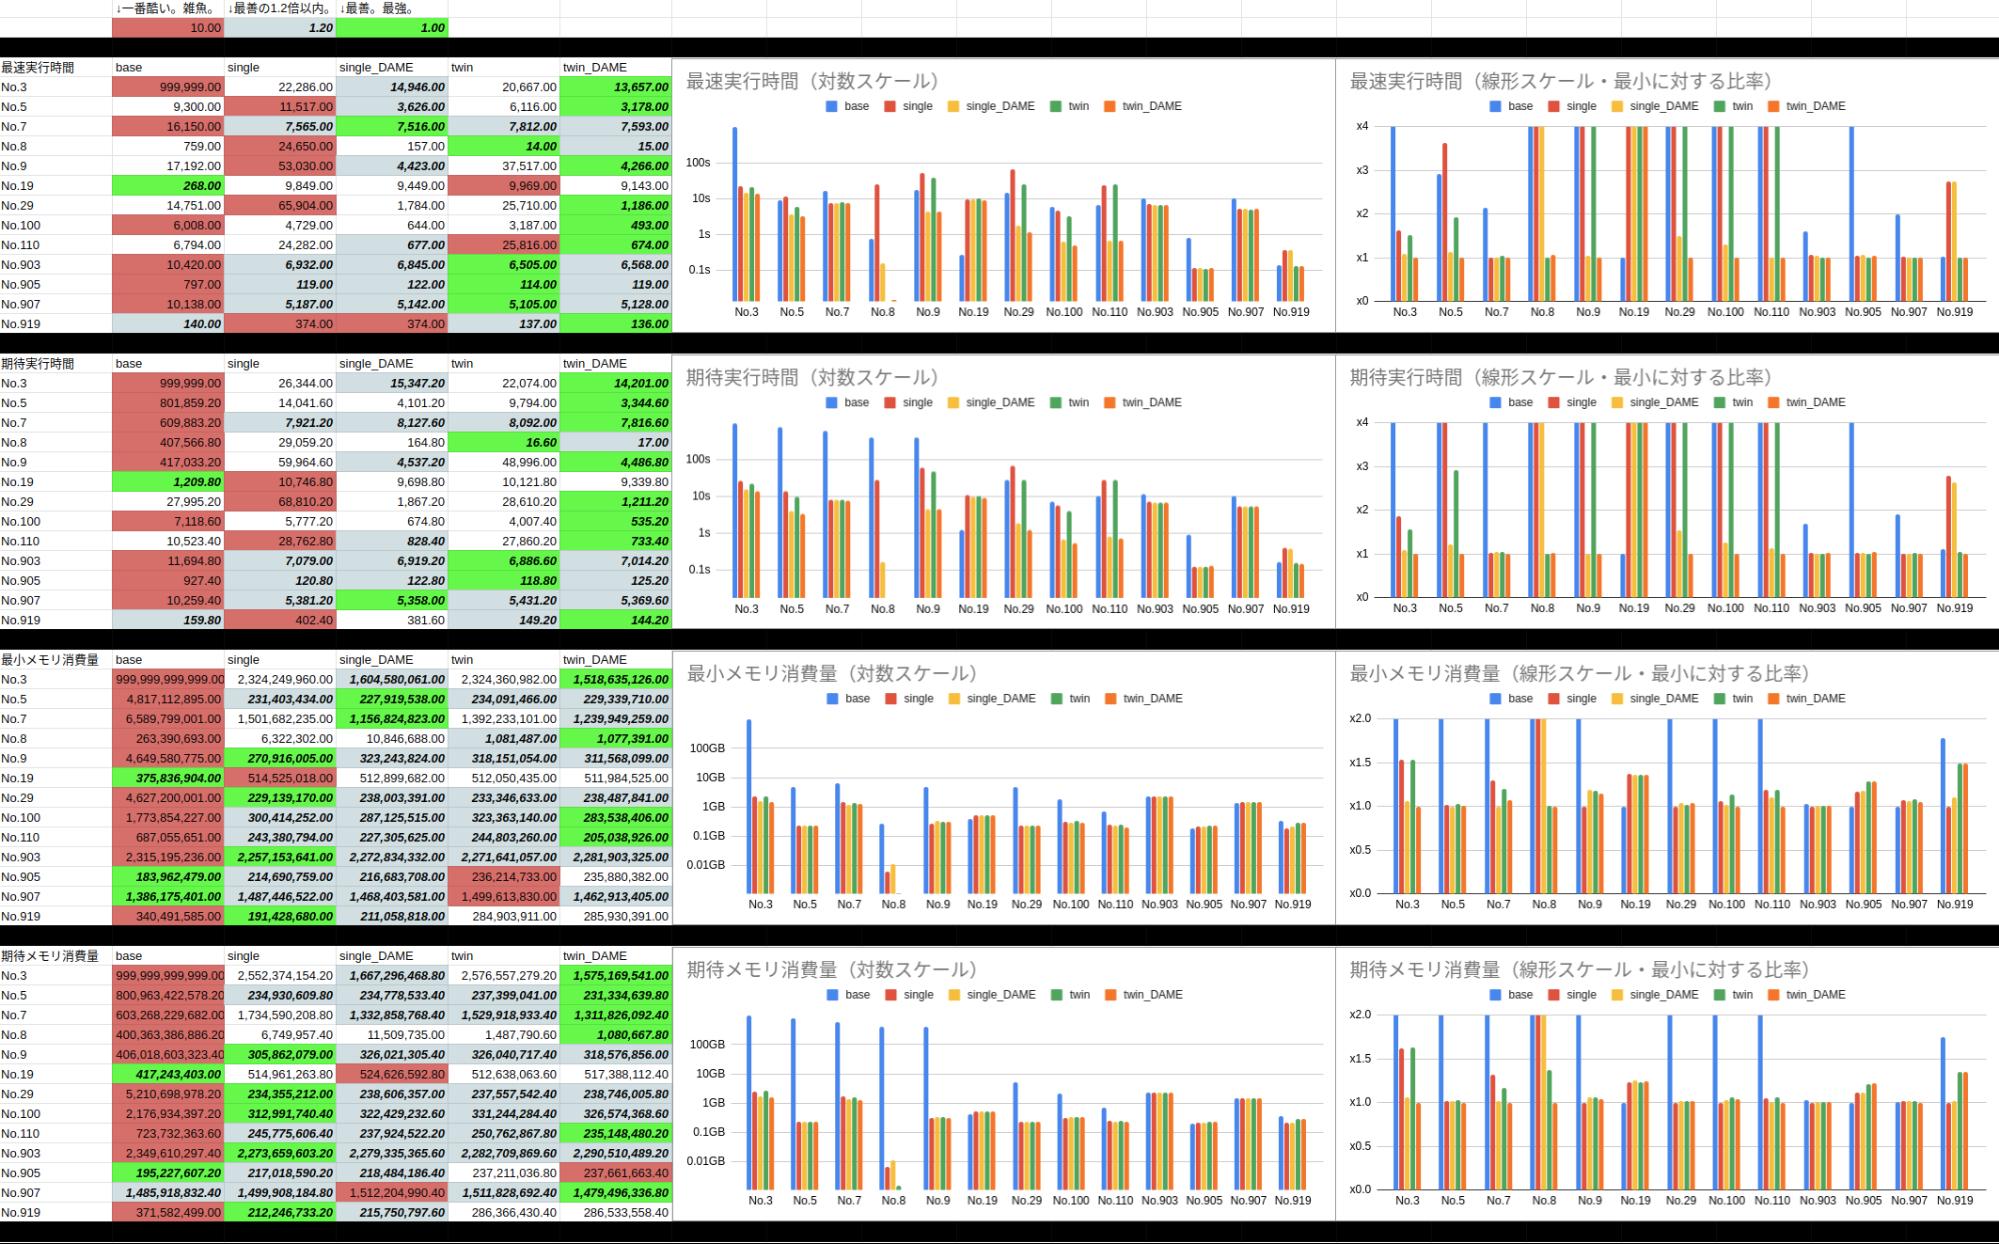 テーブル構造のSELECT性能比較